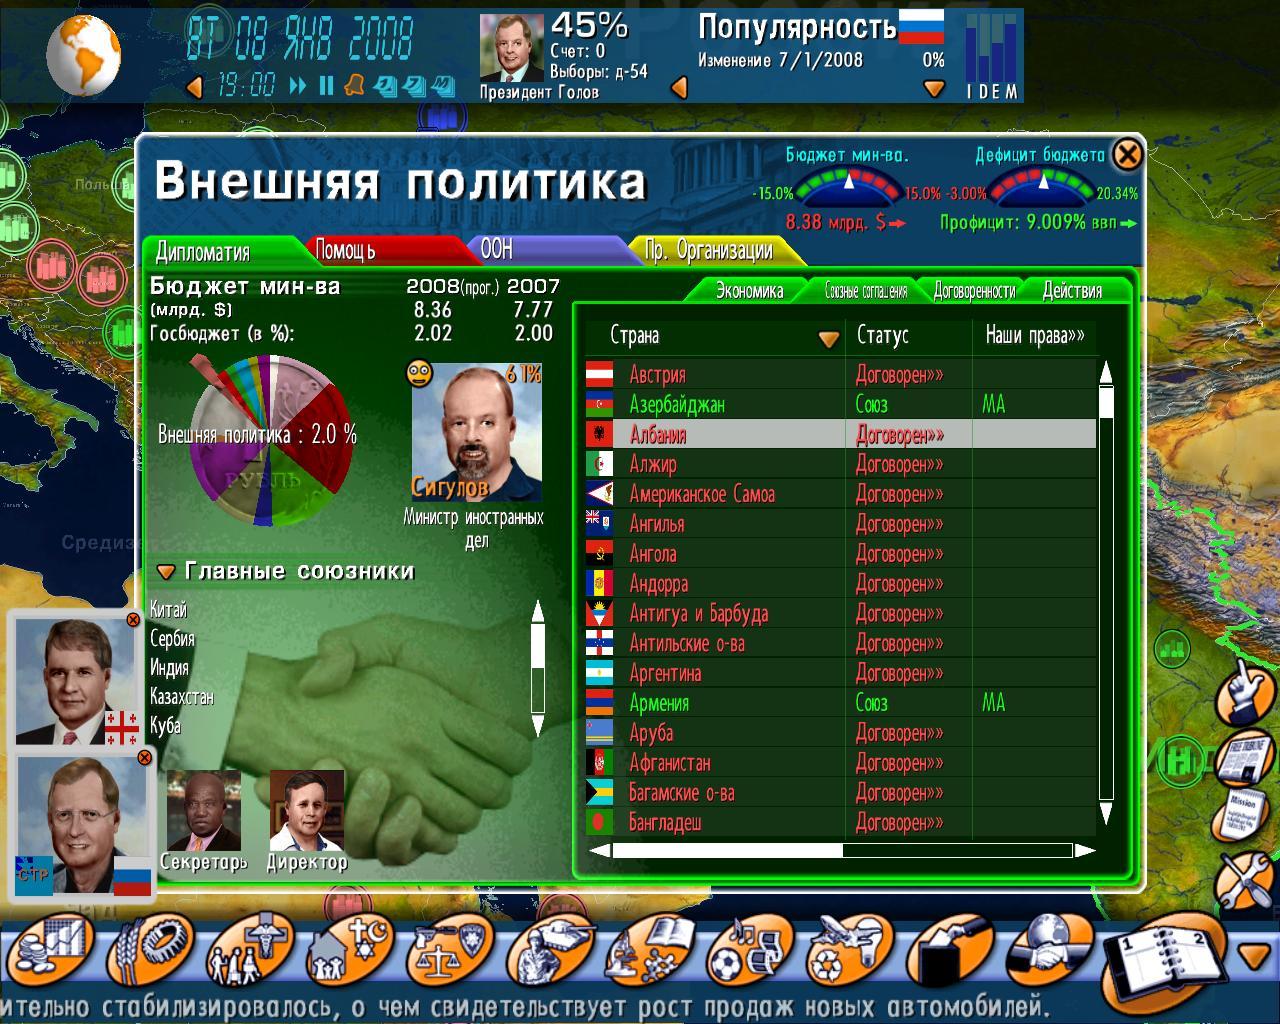 Коды К Игре Выборы-2008. Геополитический Симулятор